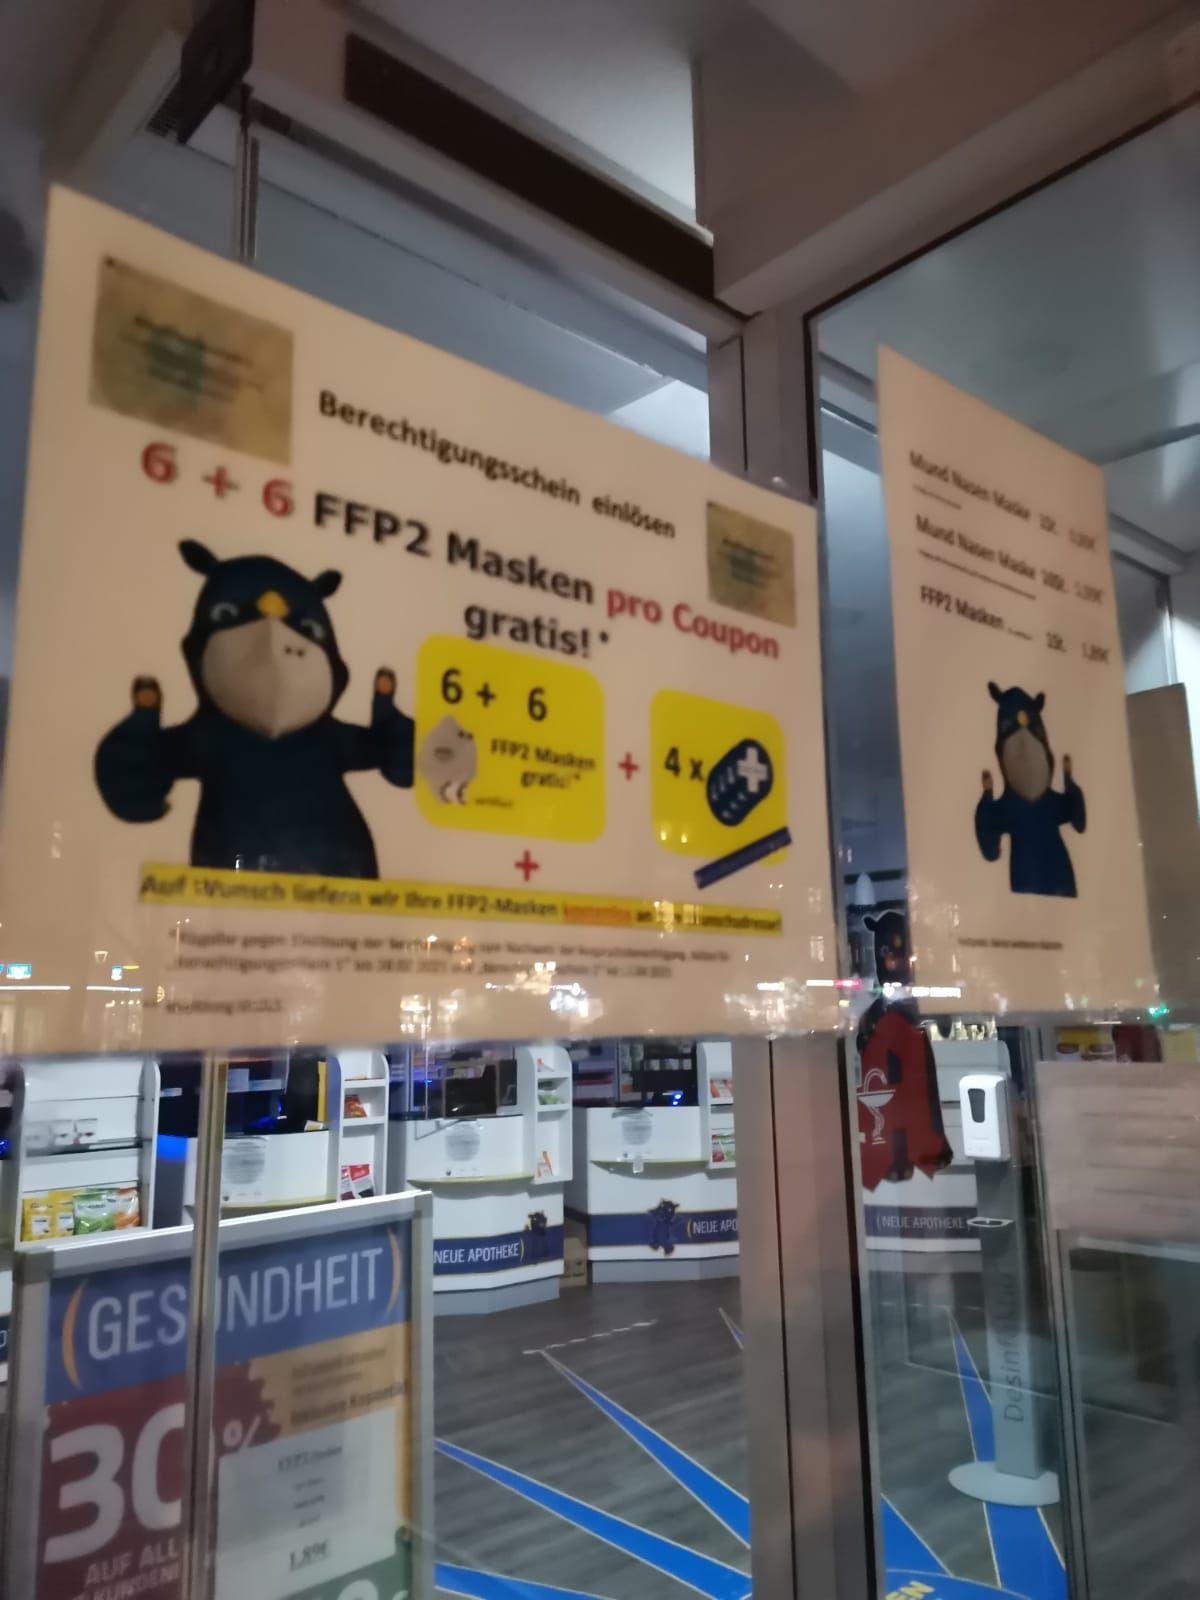 [LOKAL Duisburg] Berechtigungsschein: 12 FFP2-Masken pro Coupon + Münzen im Wert von 2€